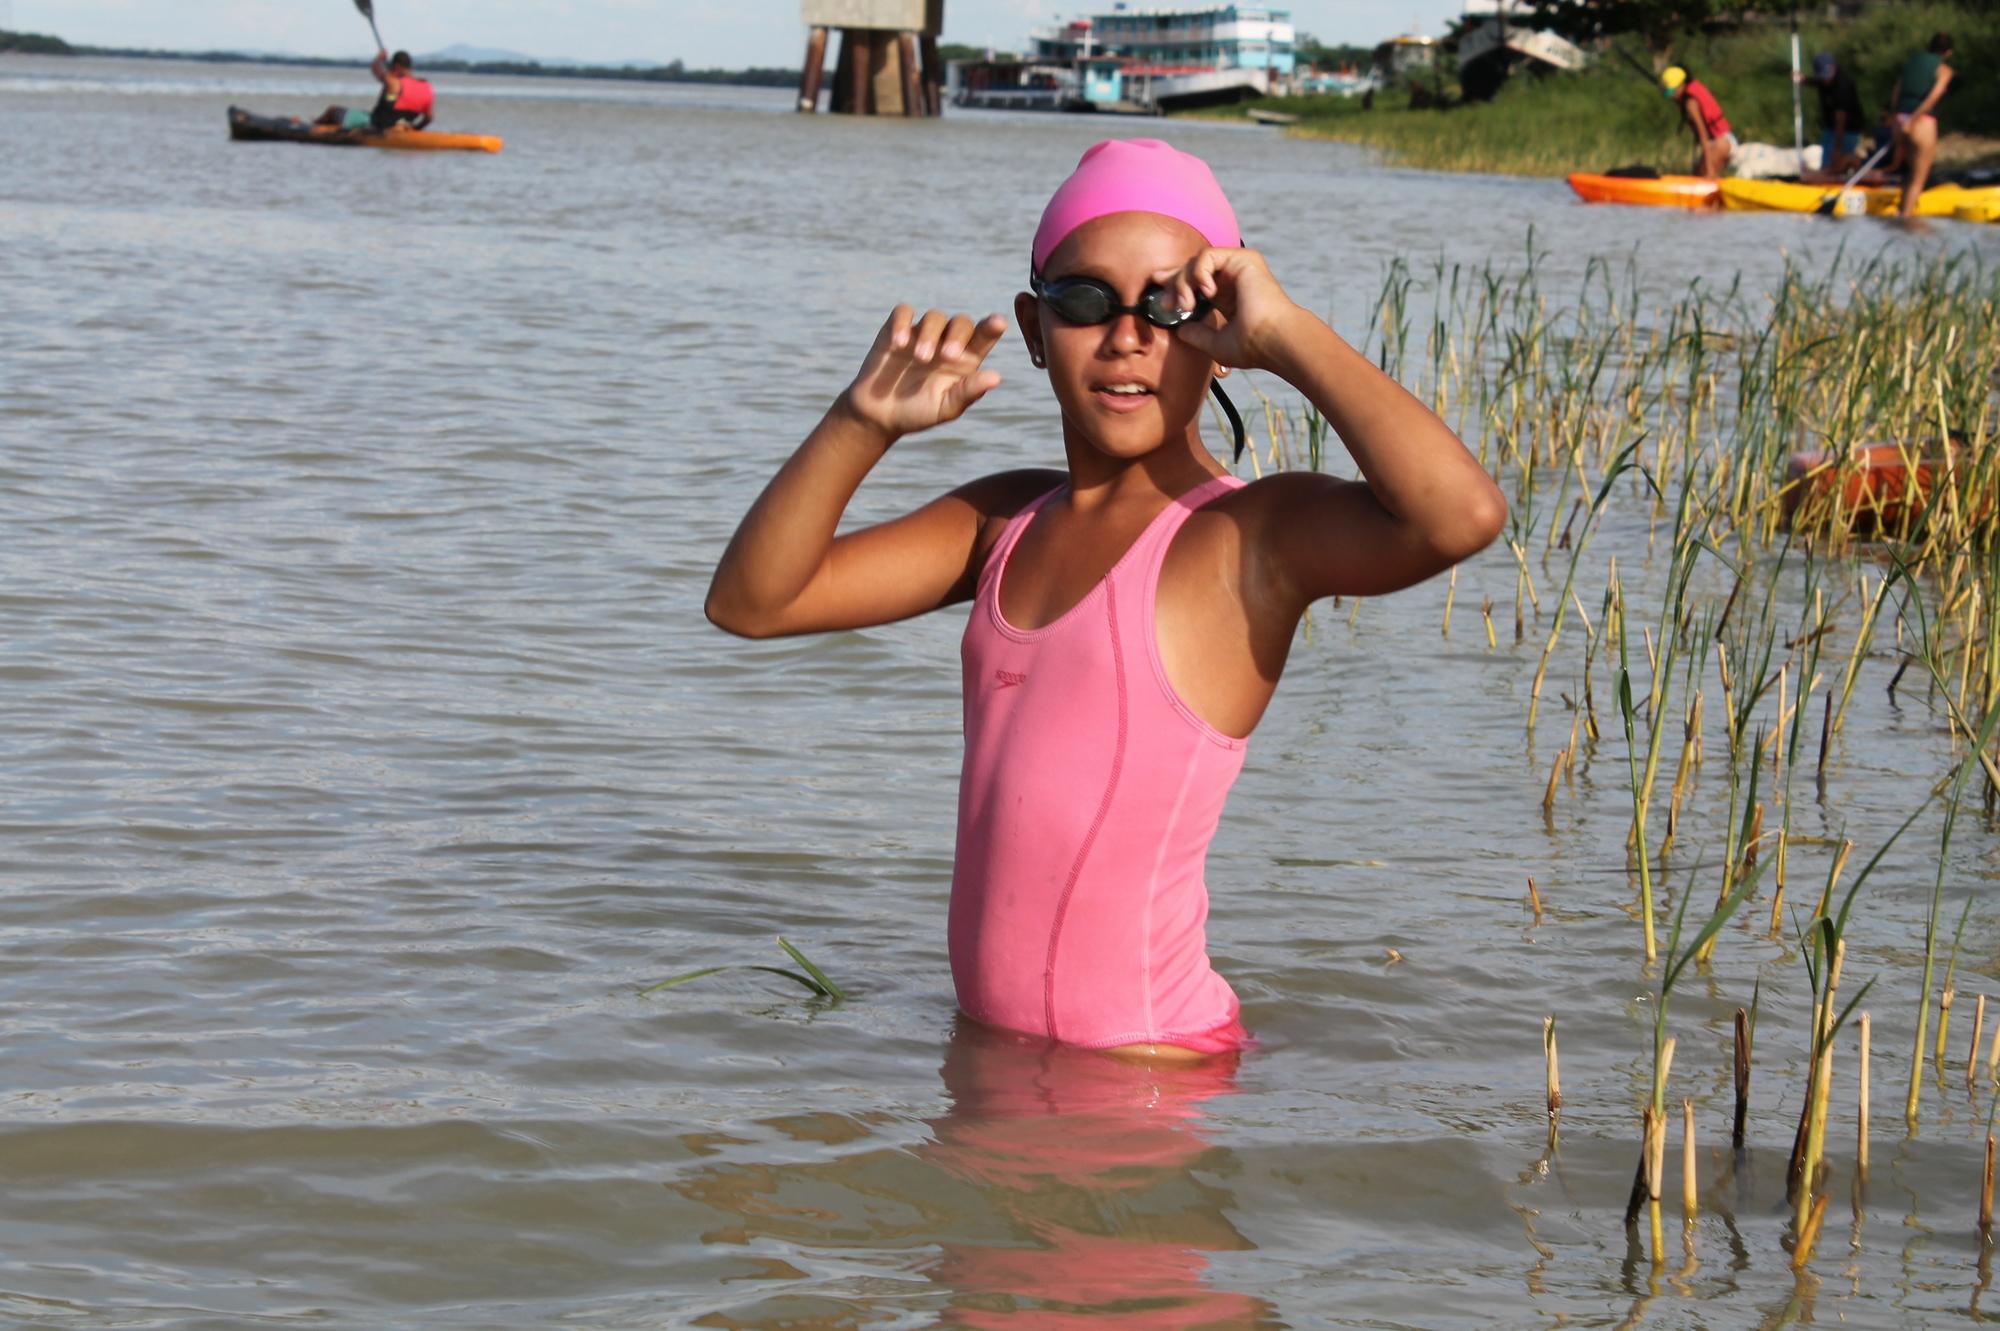 Menina do Rio: Rafaela Augusta, a pequena grande nadadora do ... - Globo.com